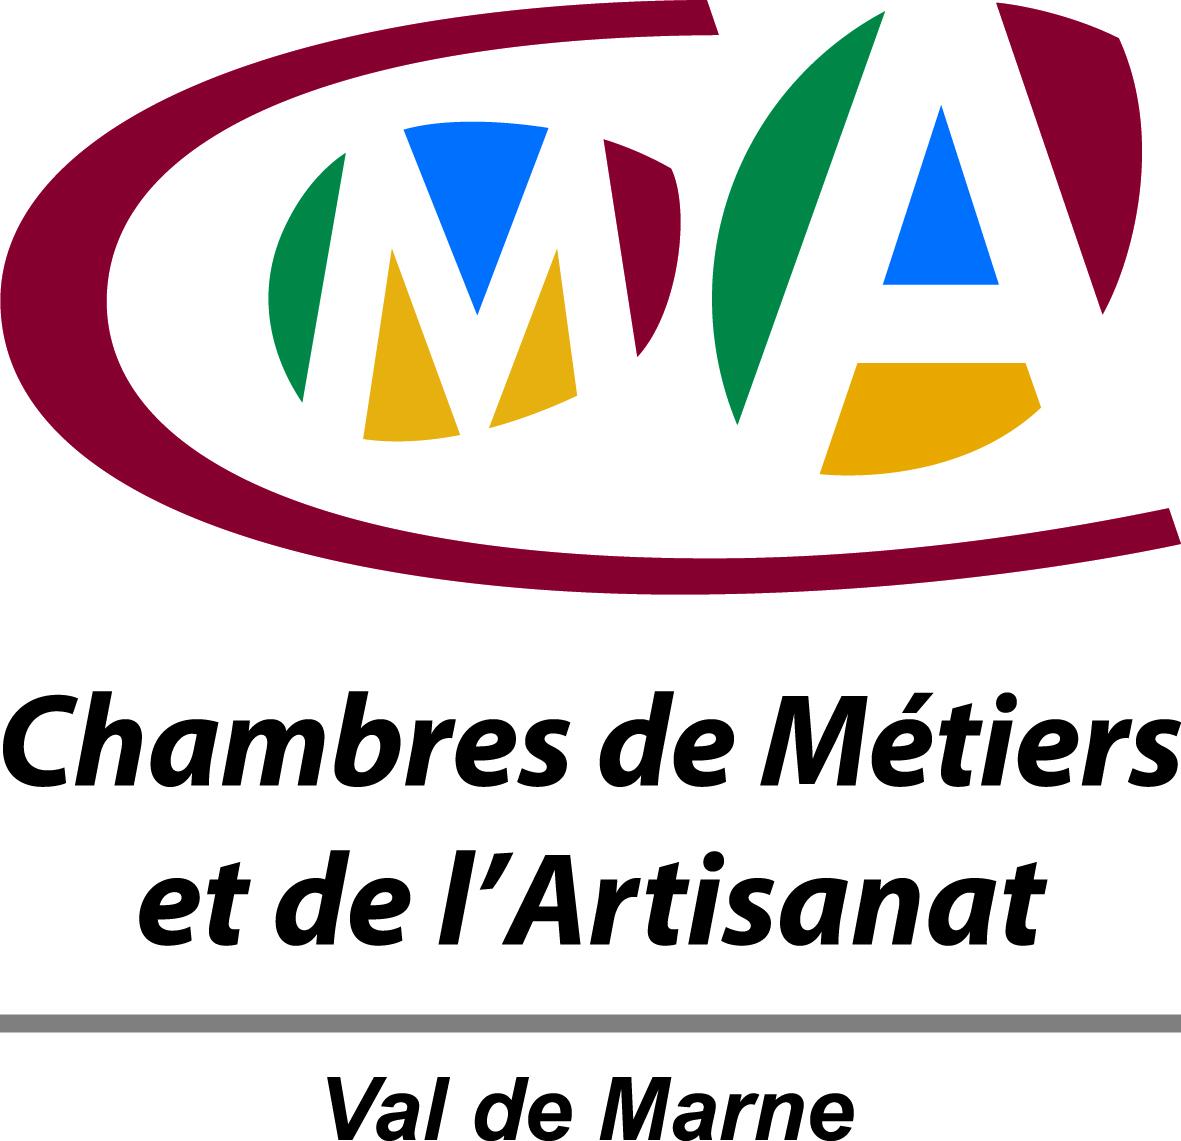 Defi for Chambre de salaries